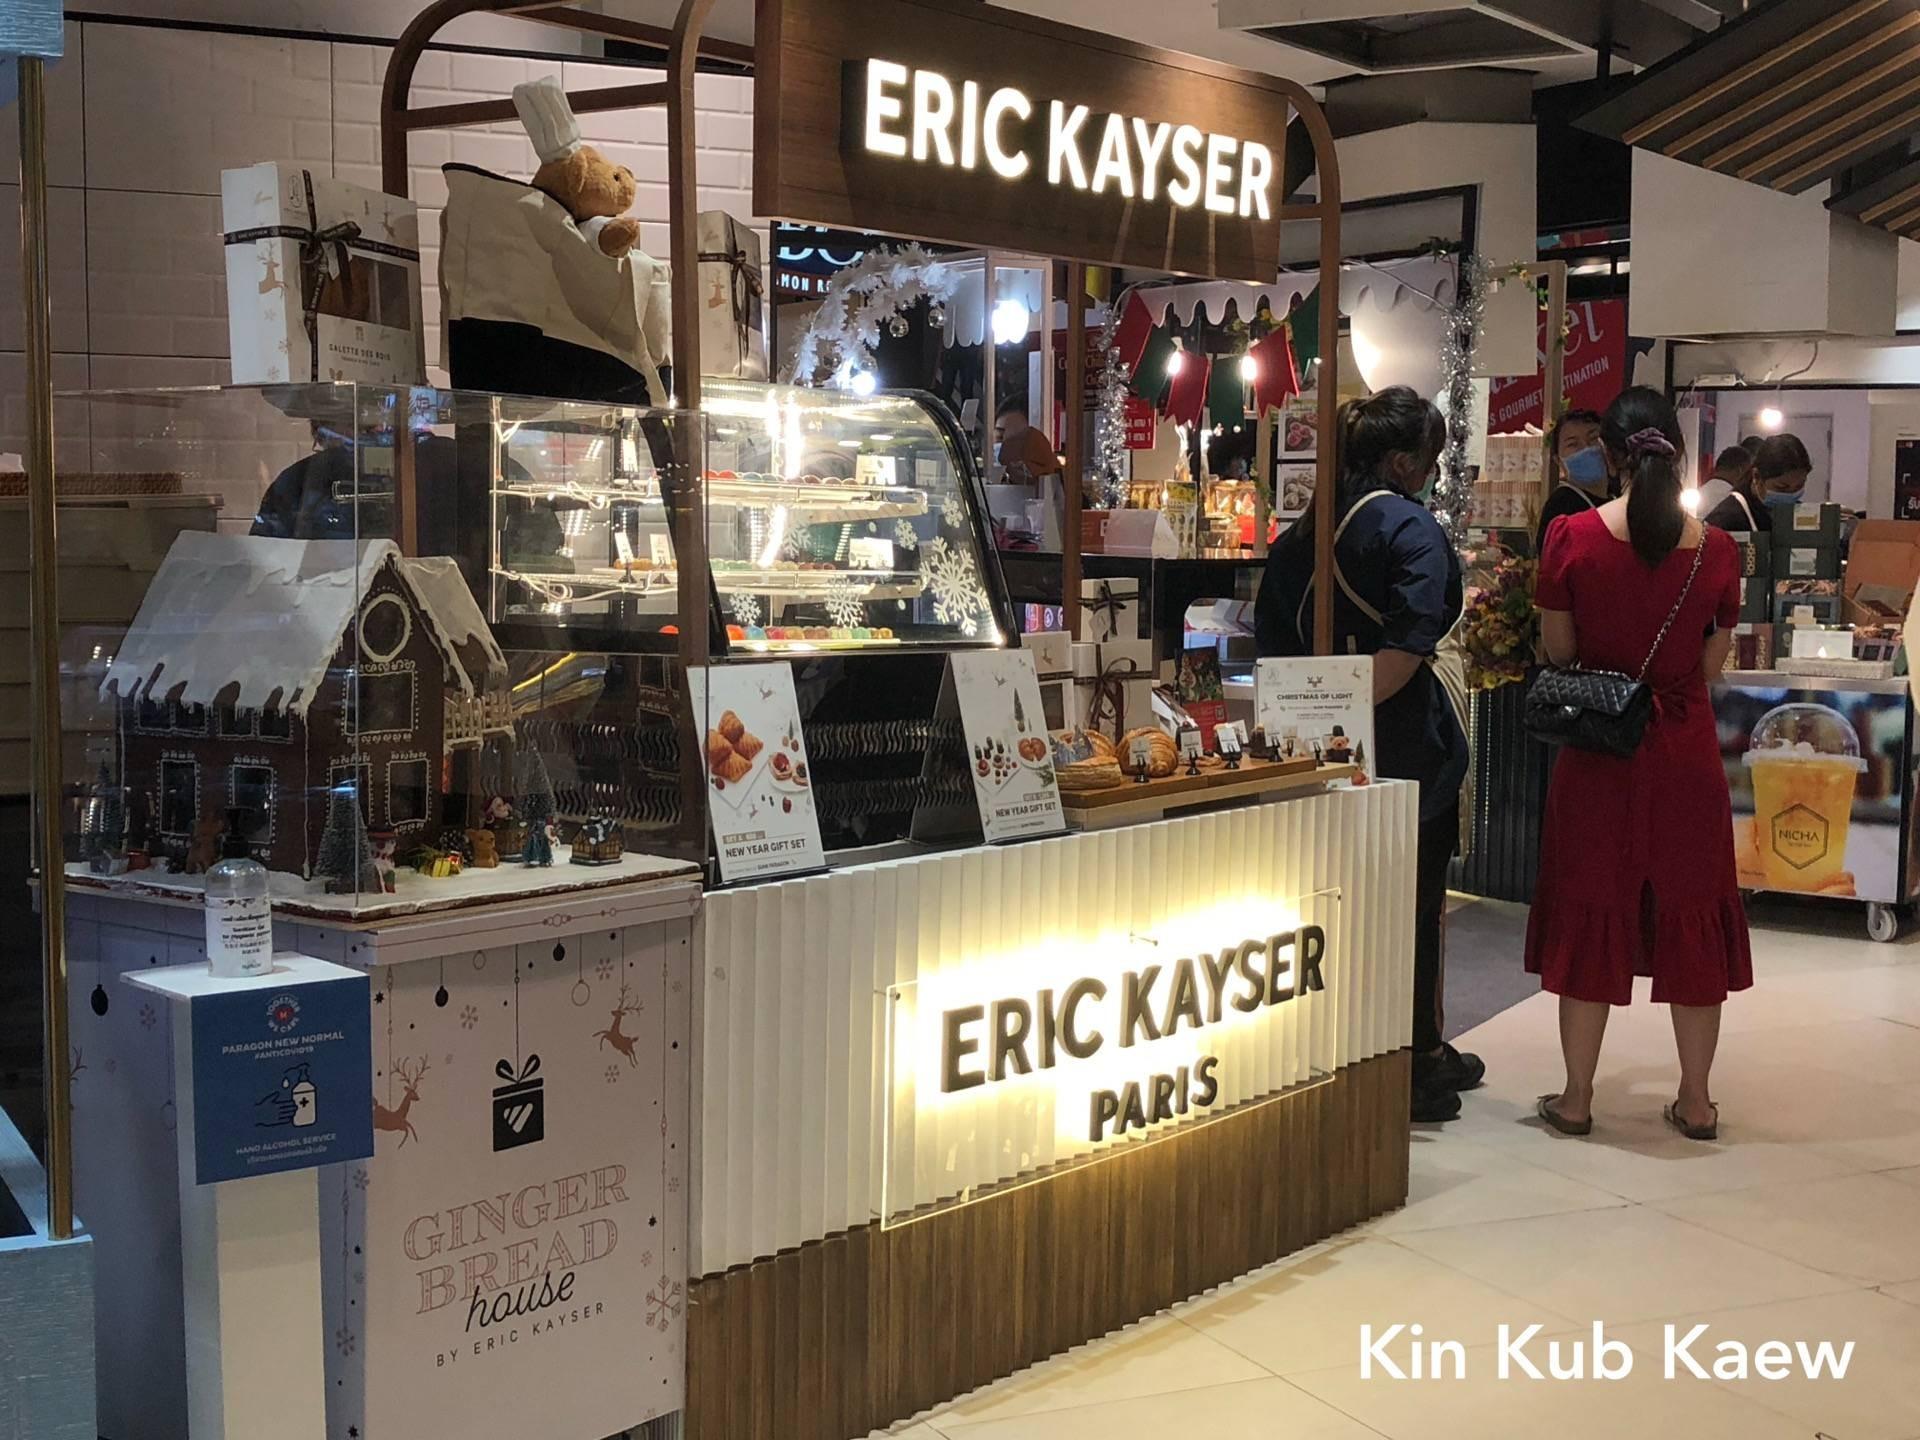 Eric Kayser Emquartier Emquartier